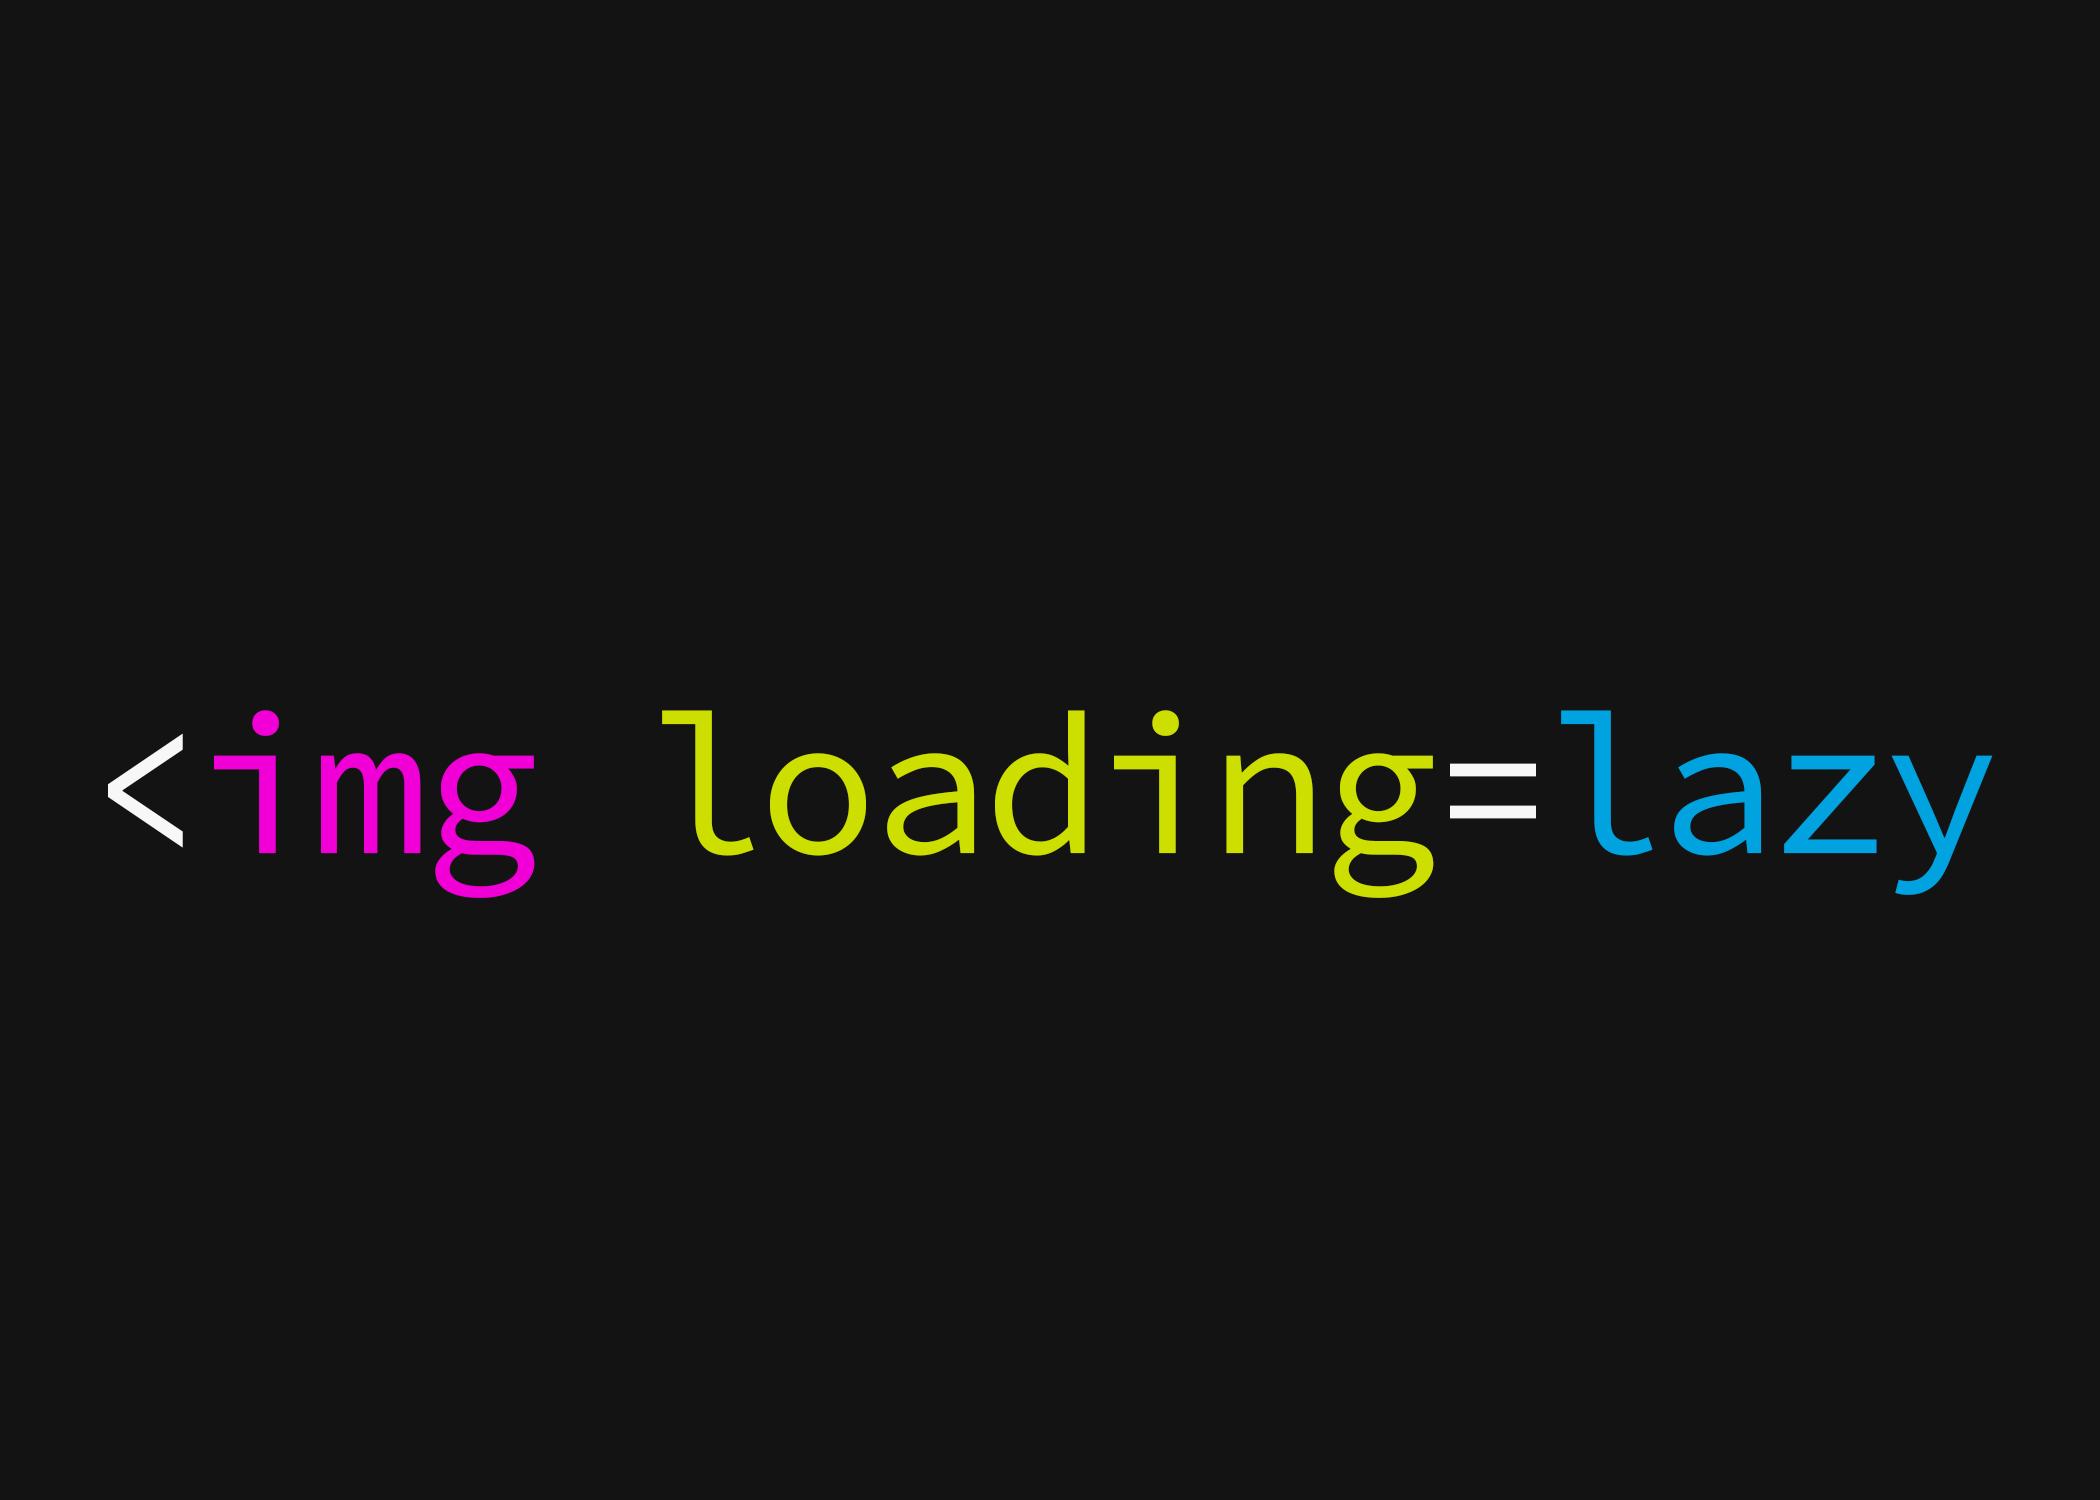 Lazy Loading Images